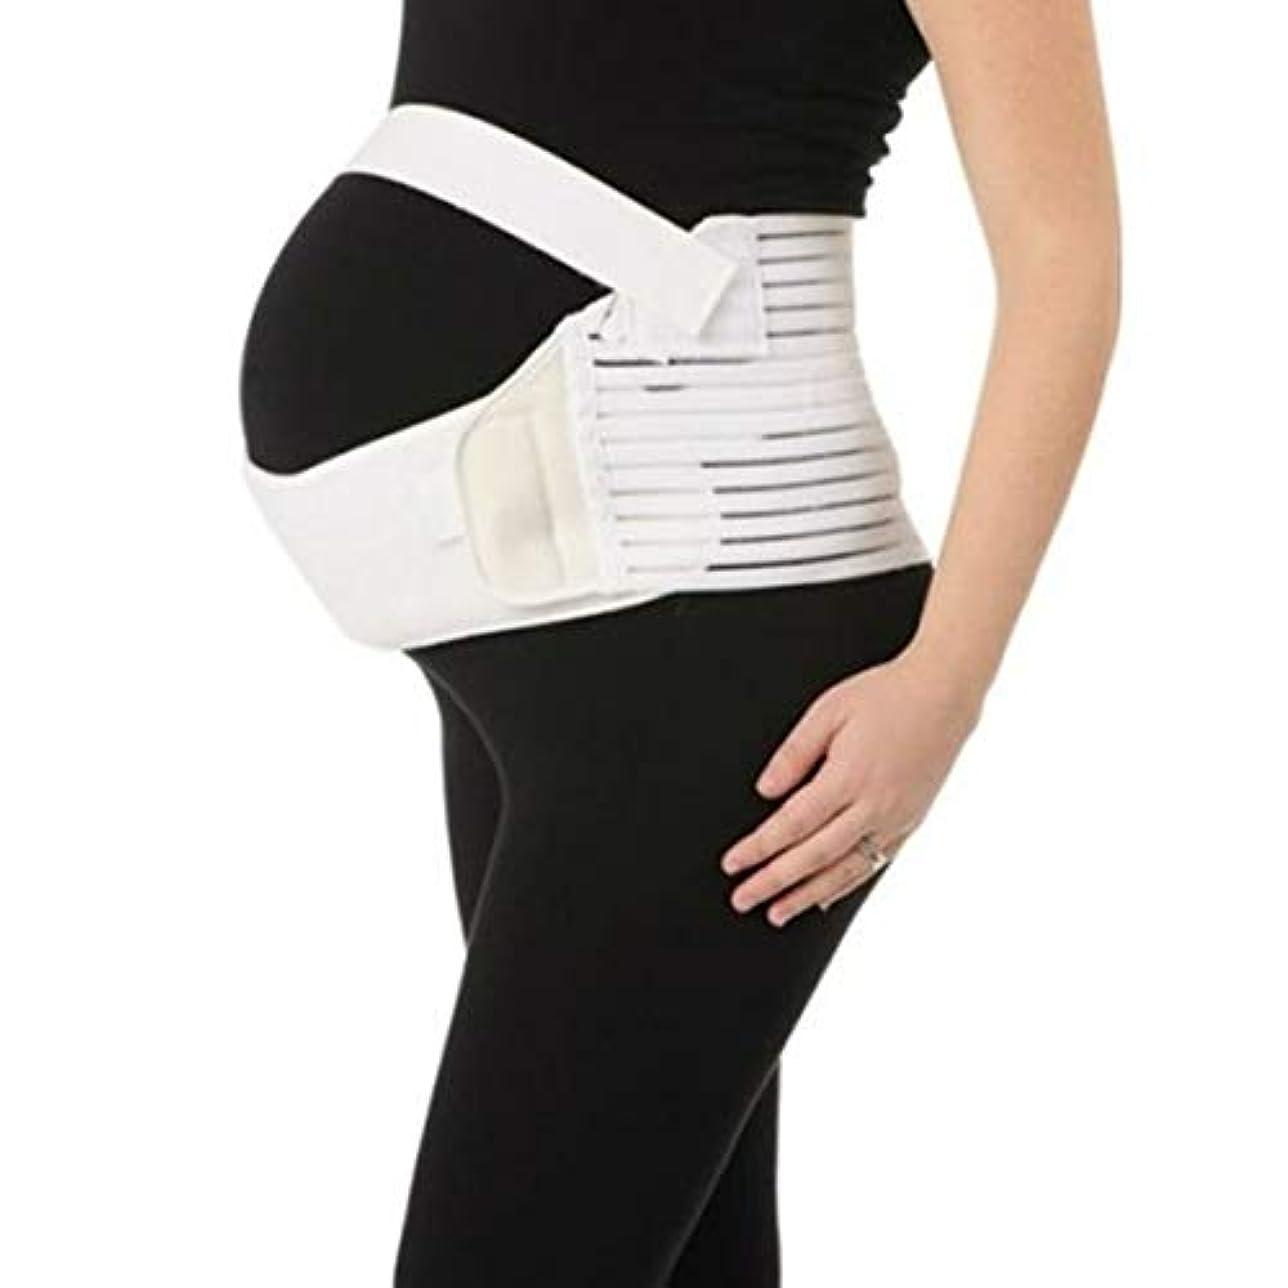 名誉ある植物学者上に通気性産科ベルト妊娠腹部サポート腹部バインダーガードル運動包帯産後の回復形状ウェア - ホワイトM